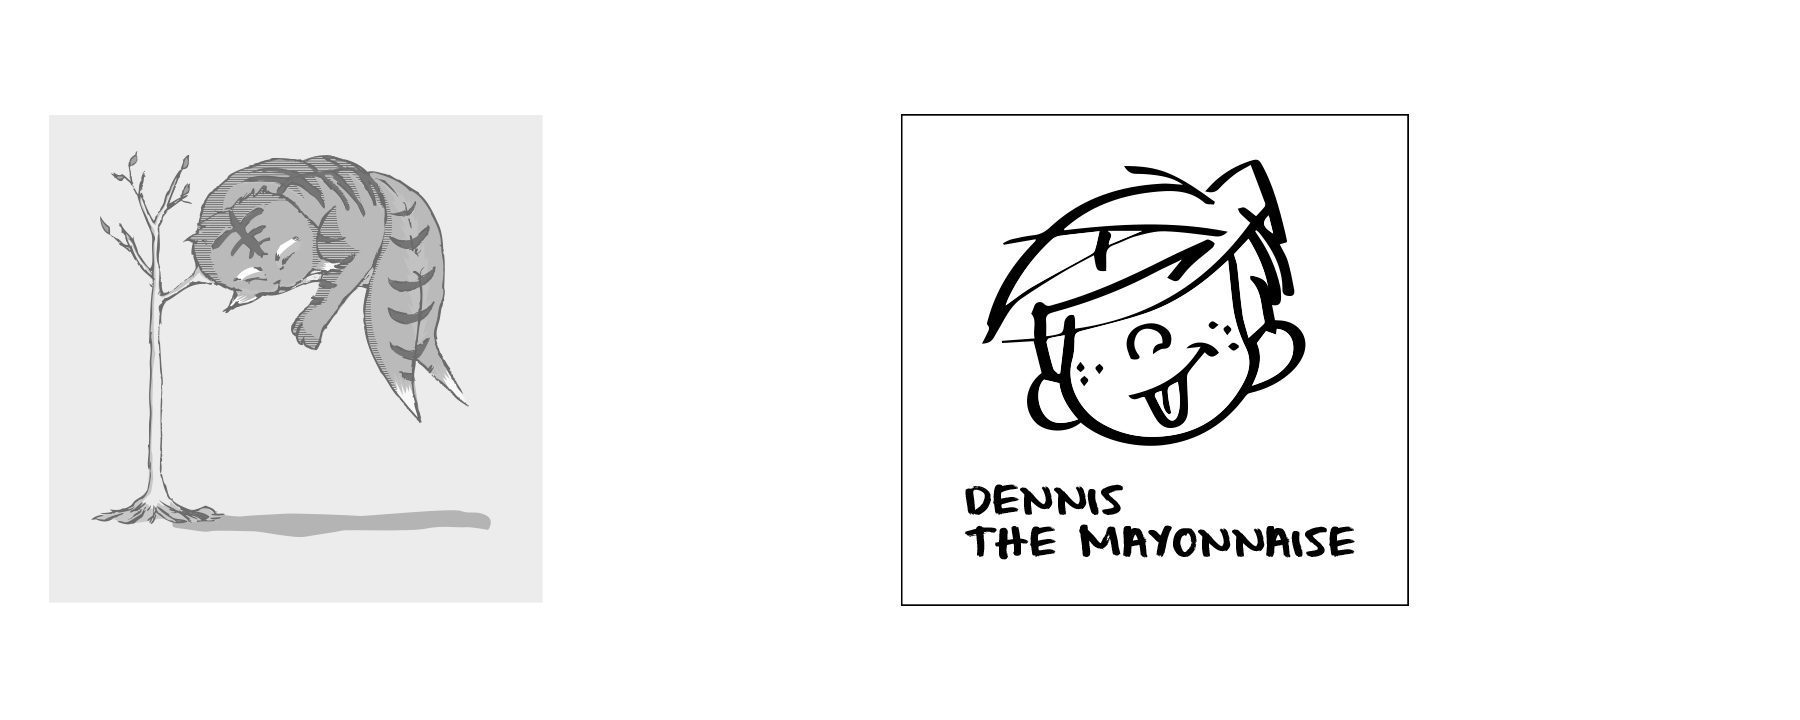 Dennis The Mayonnaise